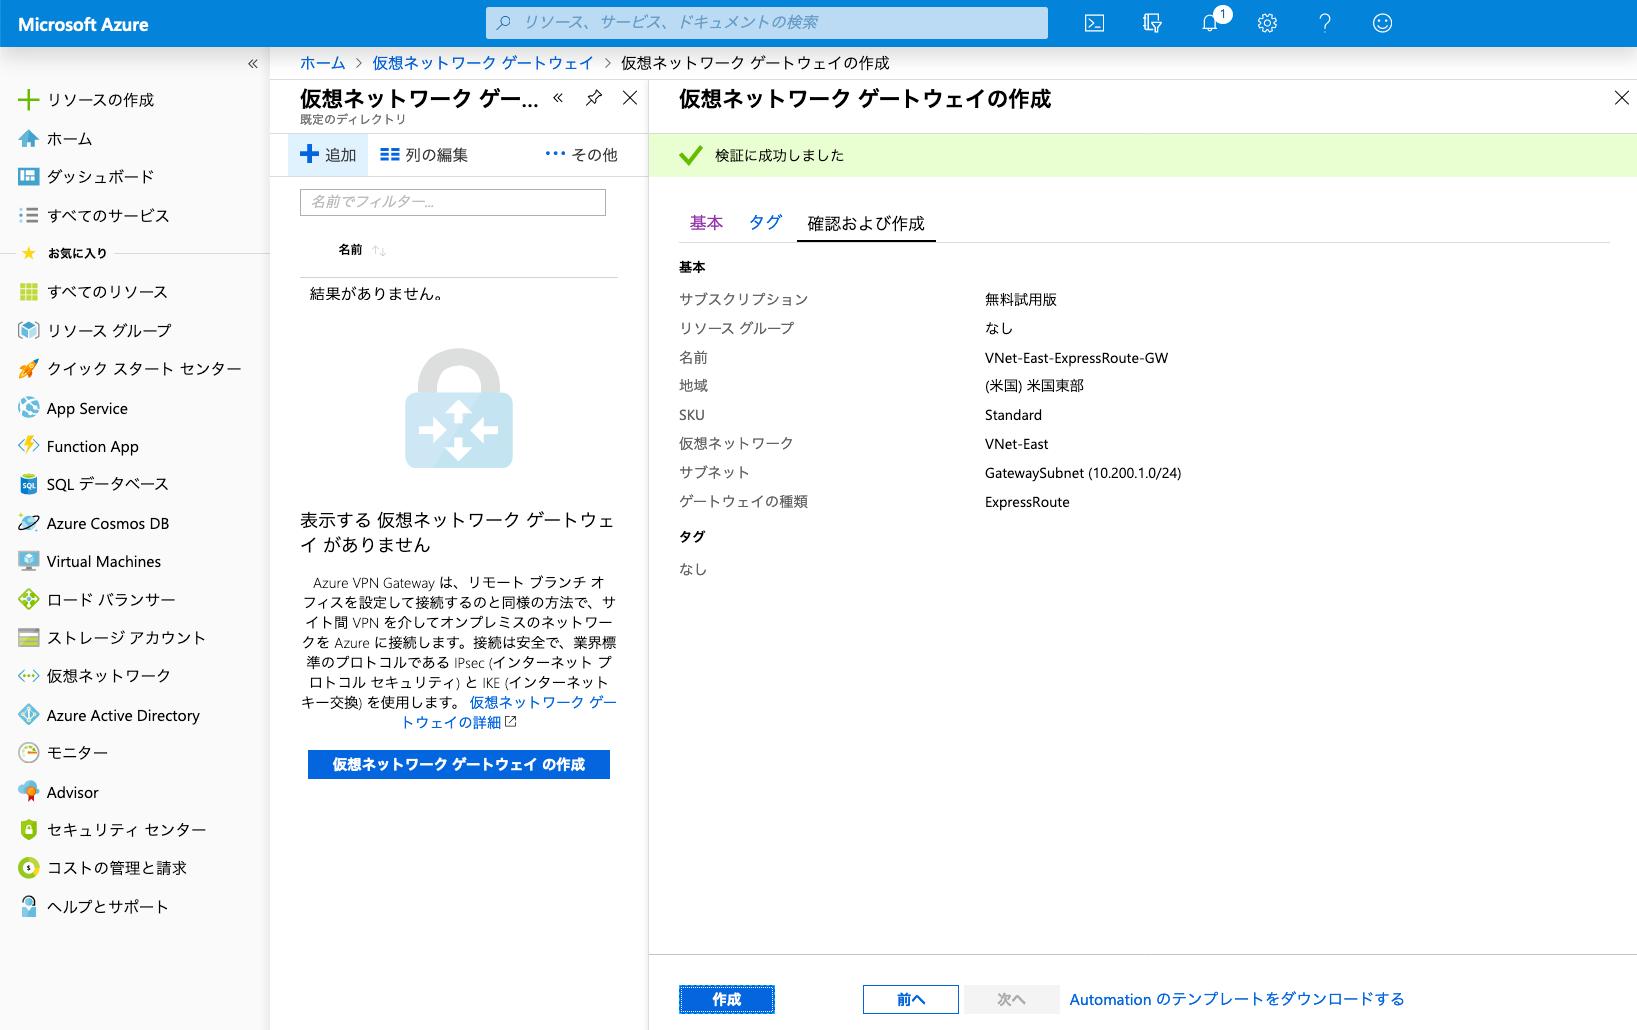 12_Azure_仮想ネットワークゲートウェイ04.png